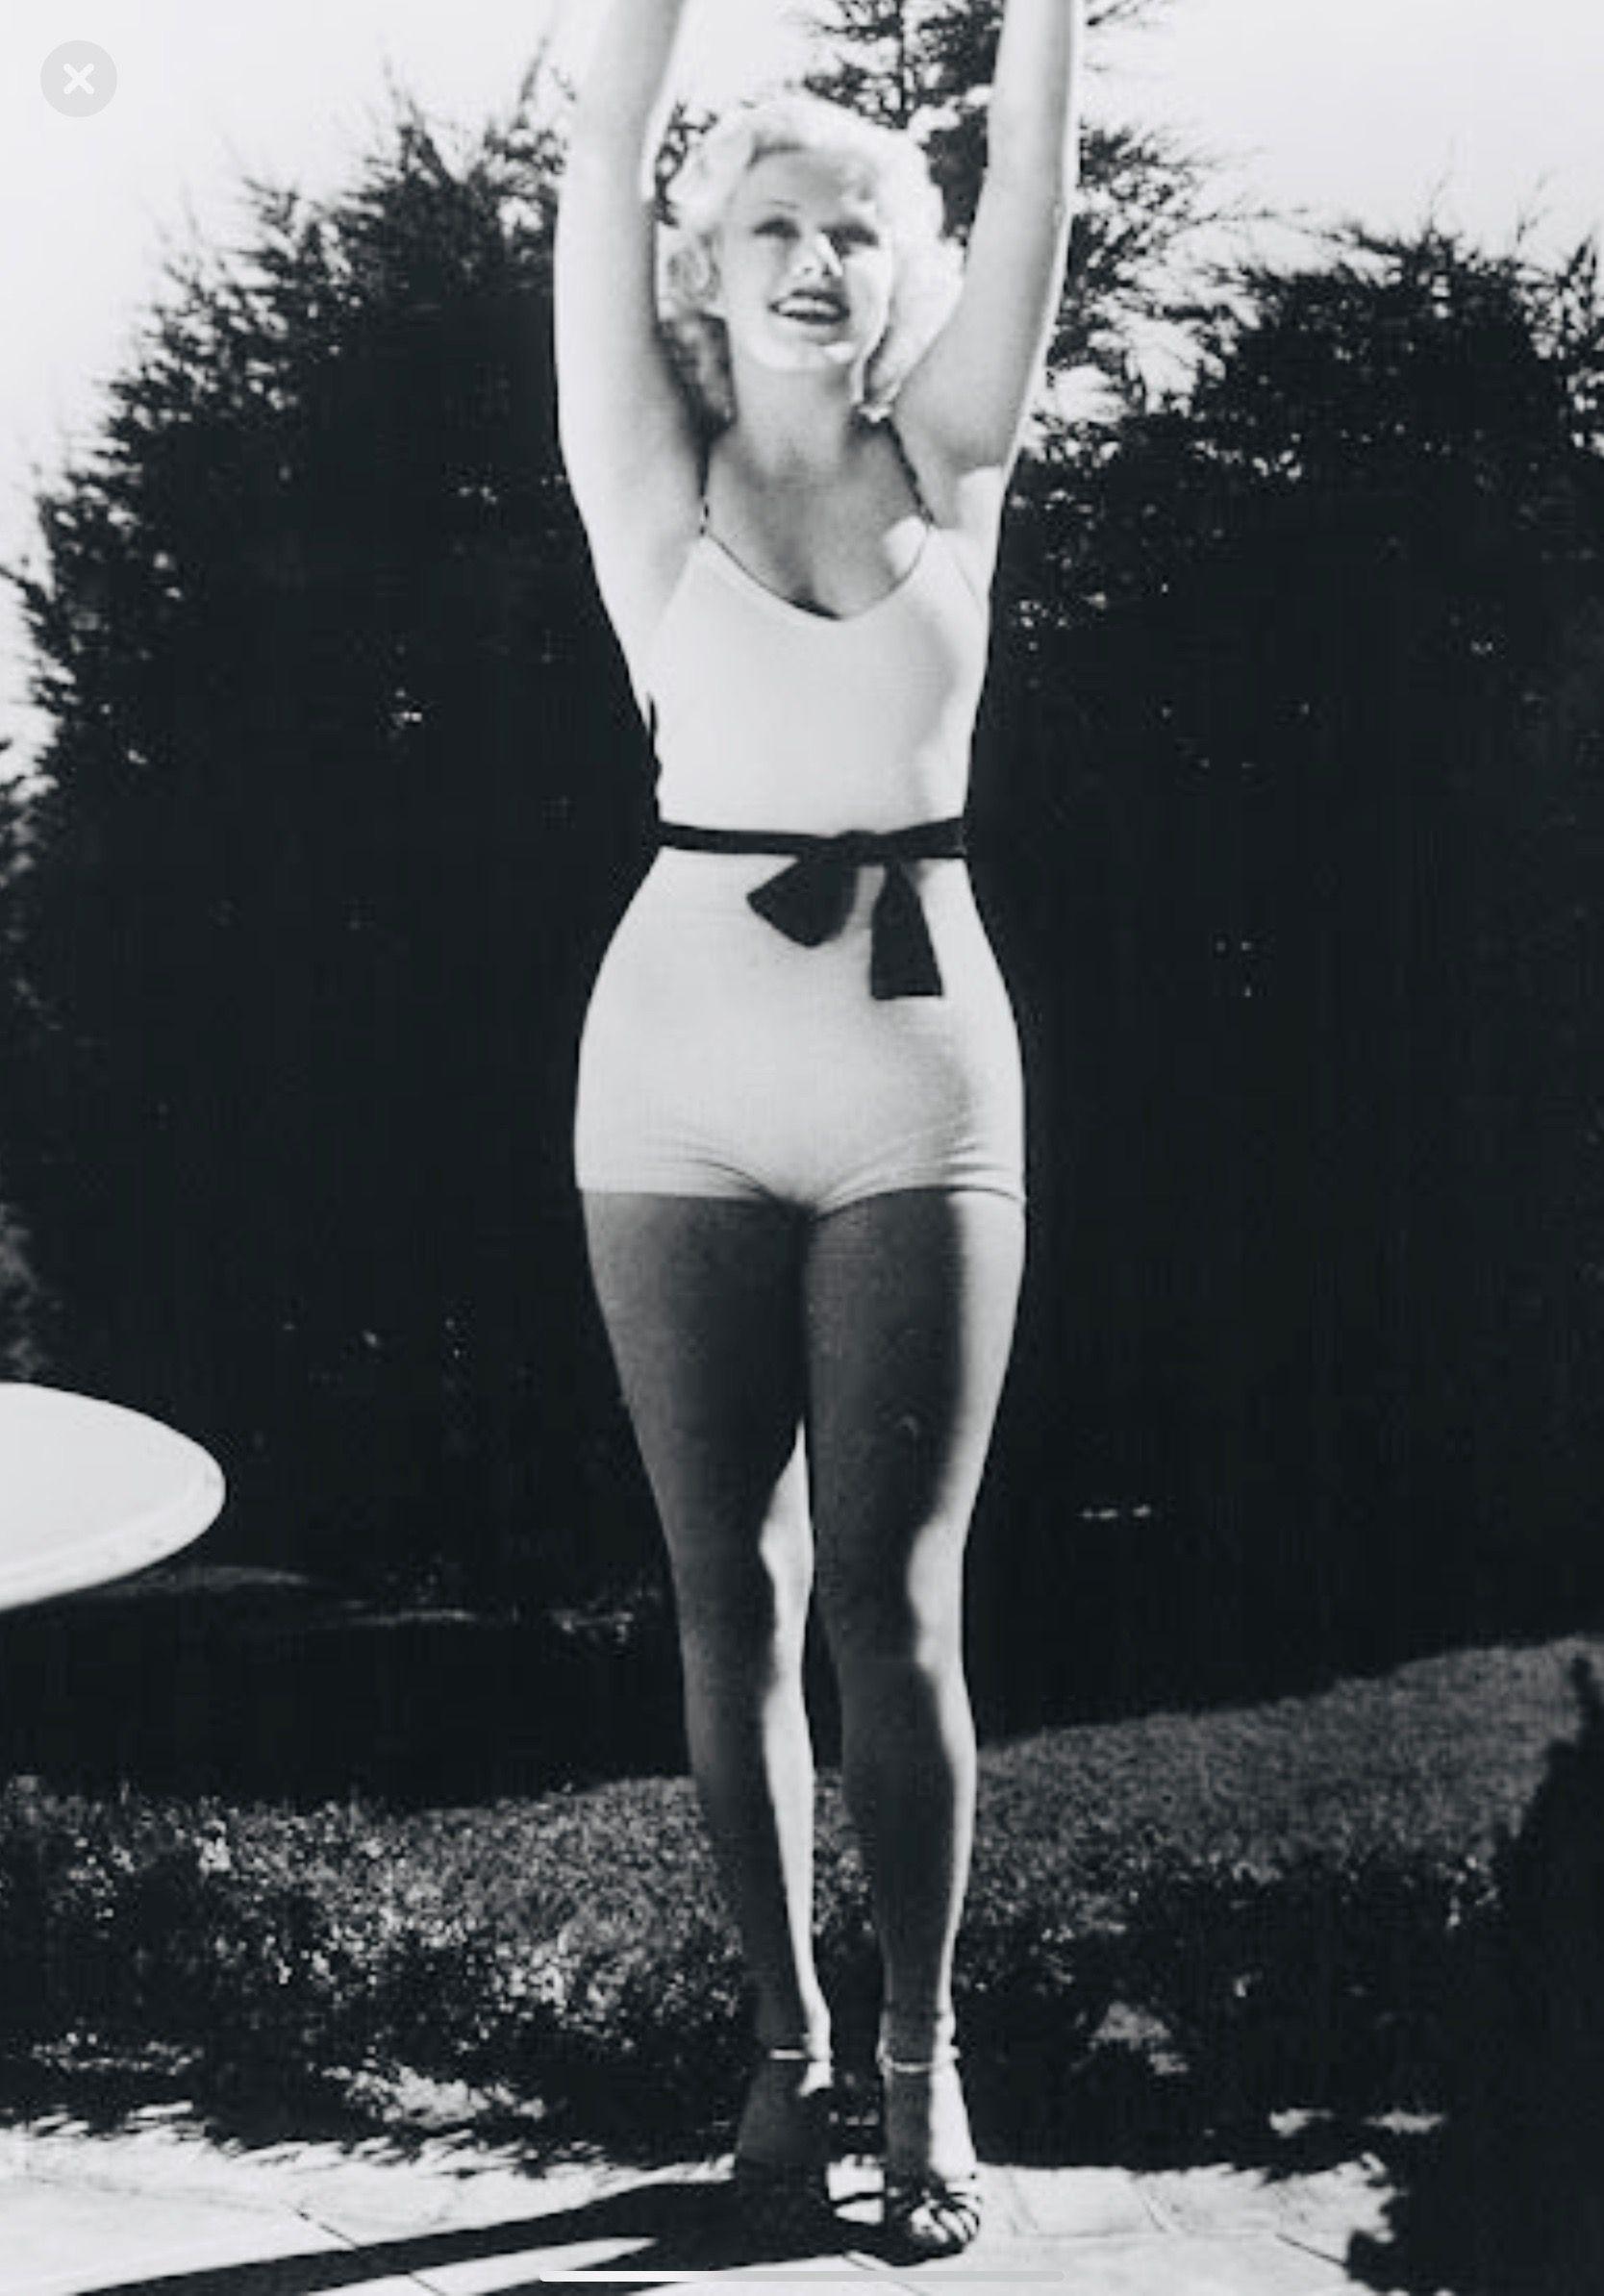 Beautiful Jean Harlow in a revealing bathing suit 😍 | Jean harlow, Vintage  swimwear, Movie stars